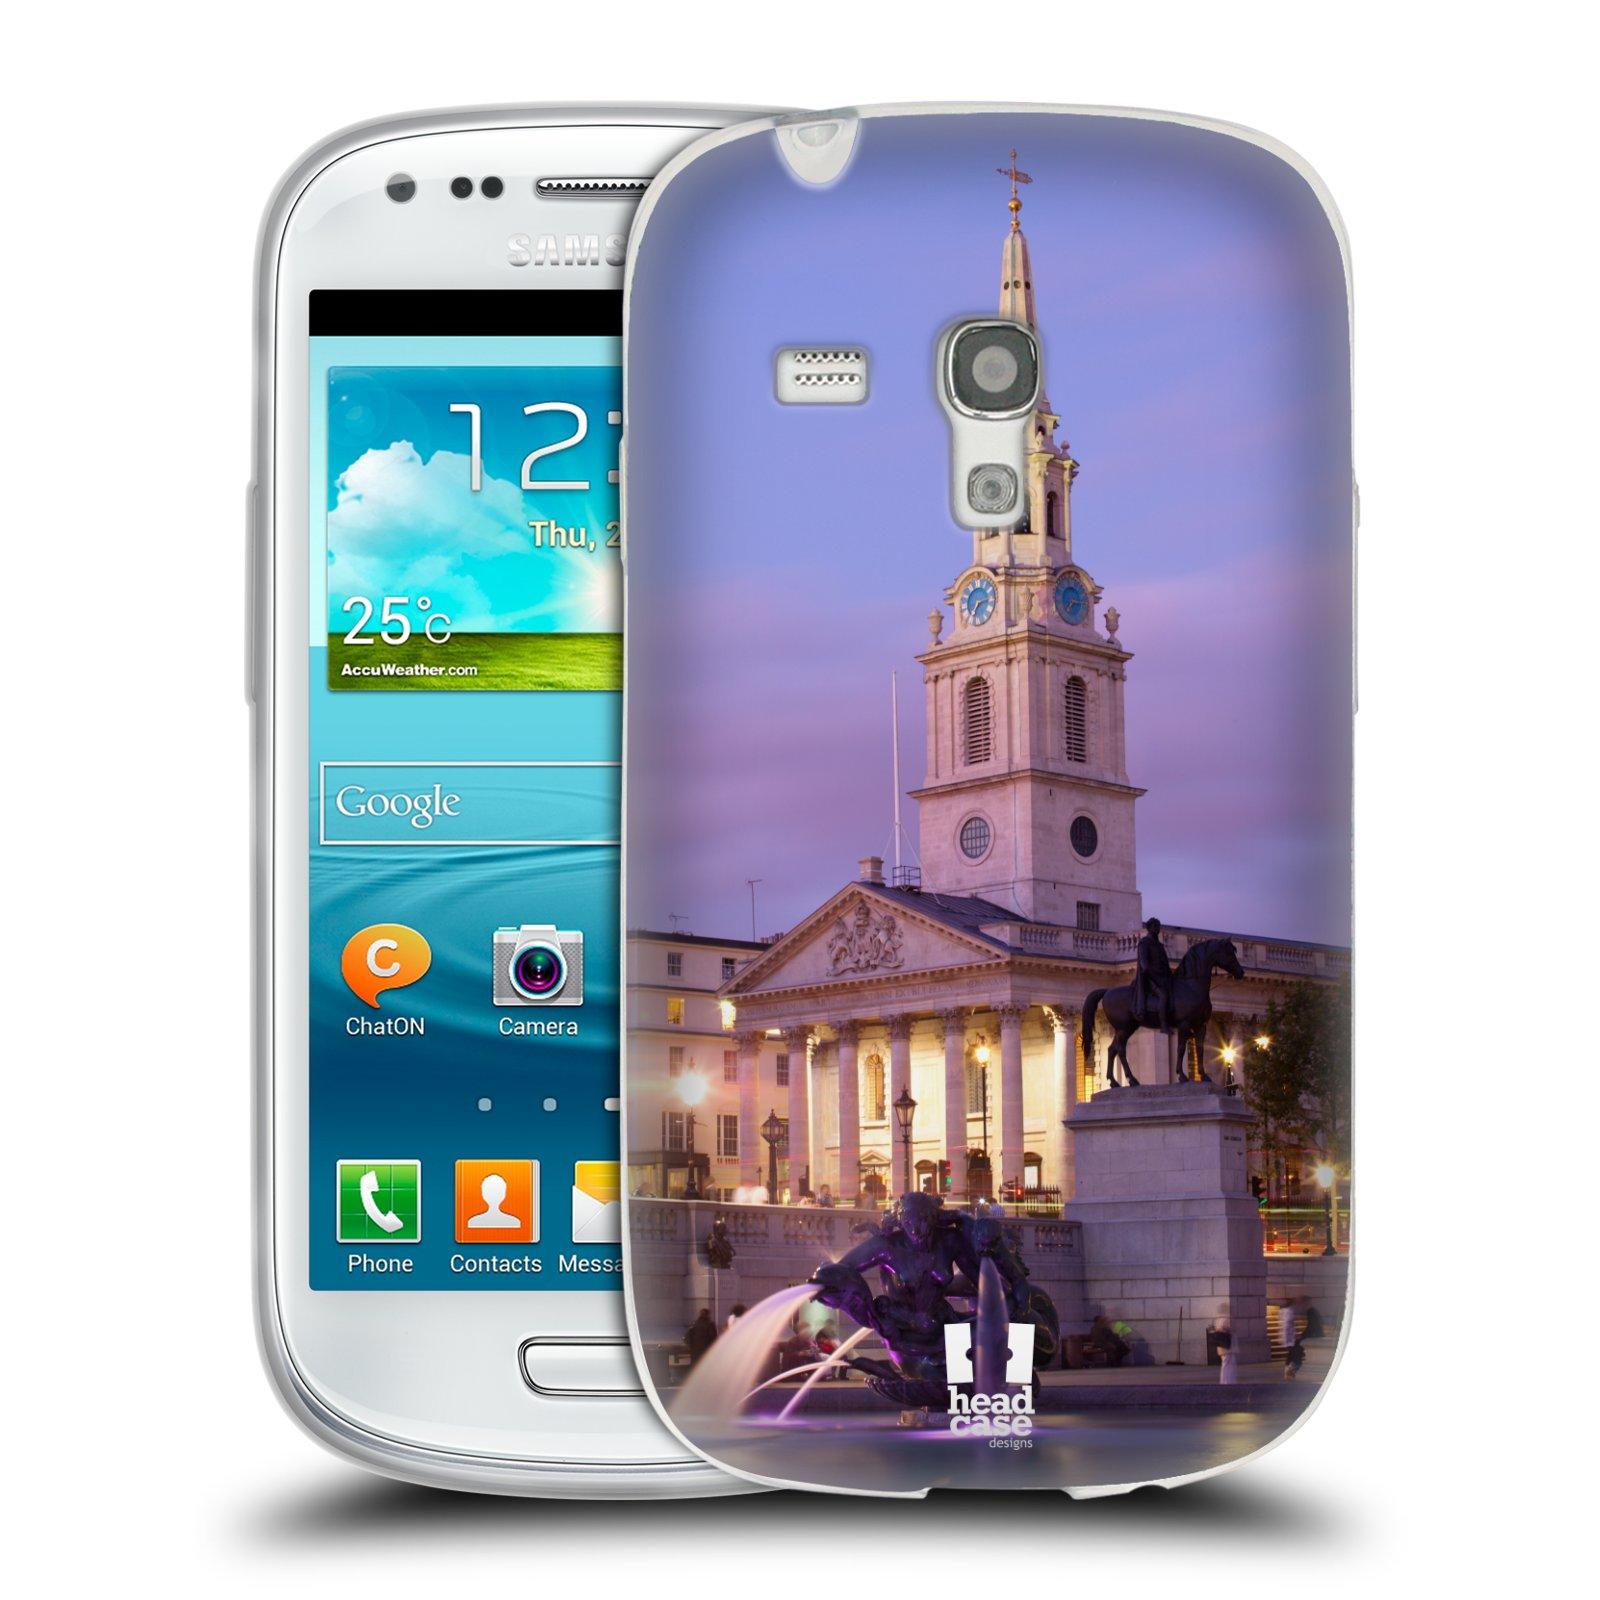 HEAD CASE silikonový obal na mobil Samsung Galaxy S3 MINI i8190 vzor Města foto náměstí ANGLIE, LONDÝN, TRAFALGAR VĚŽ HODINY